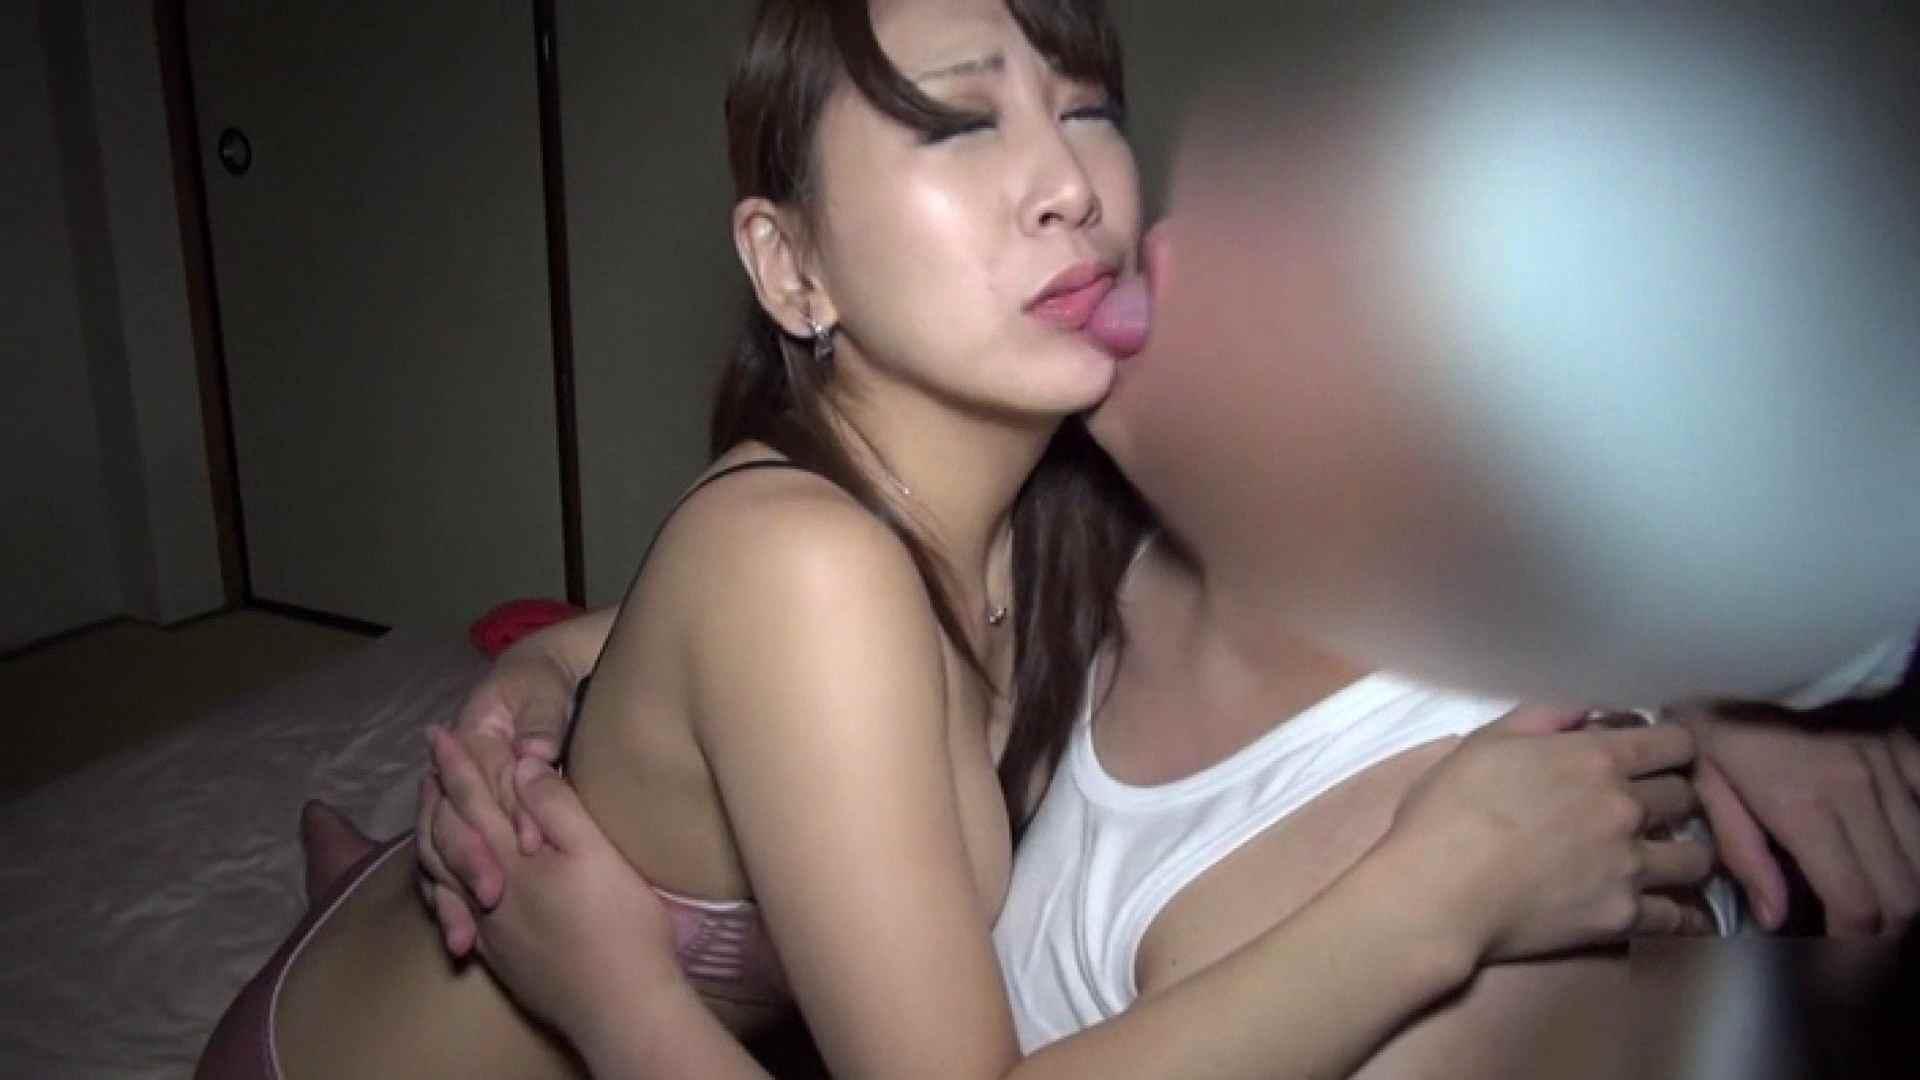 おしえてギャル子のH塾 Vol.04 前編 ギャル 性交動画流出 71連発 38